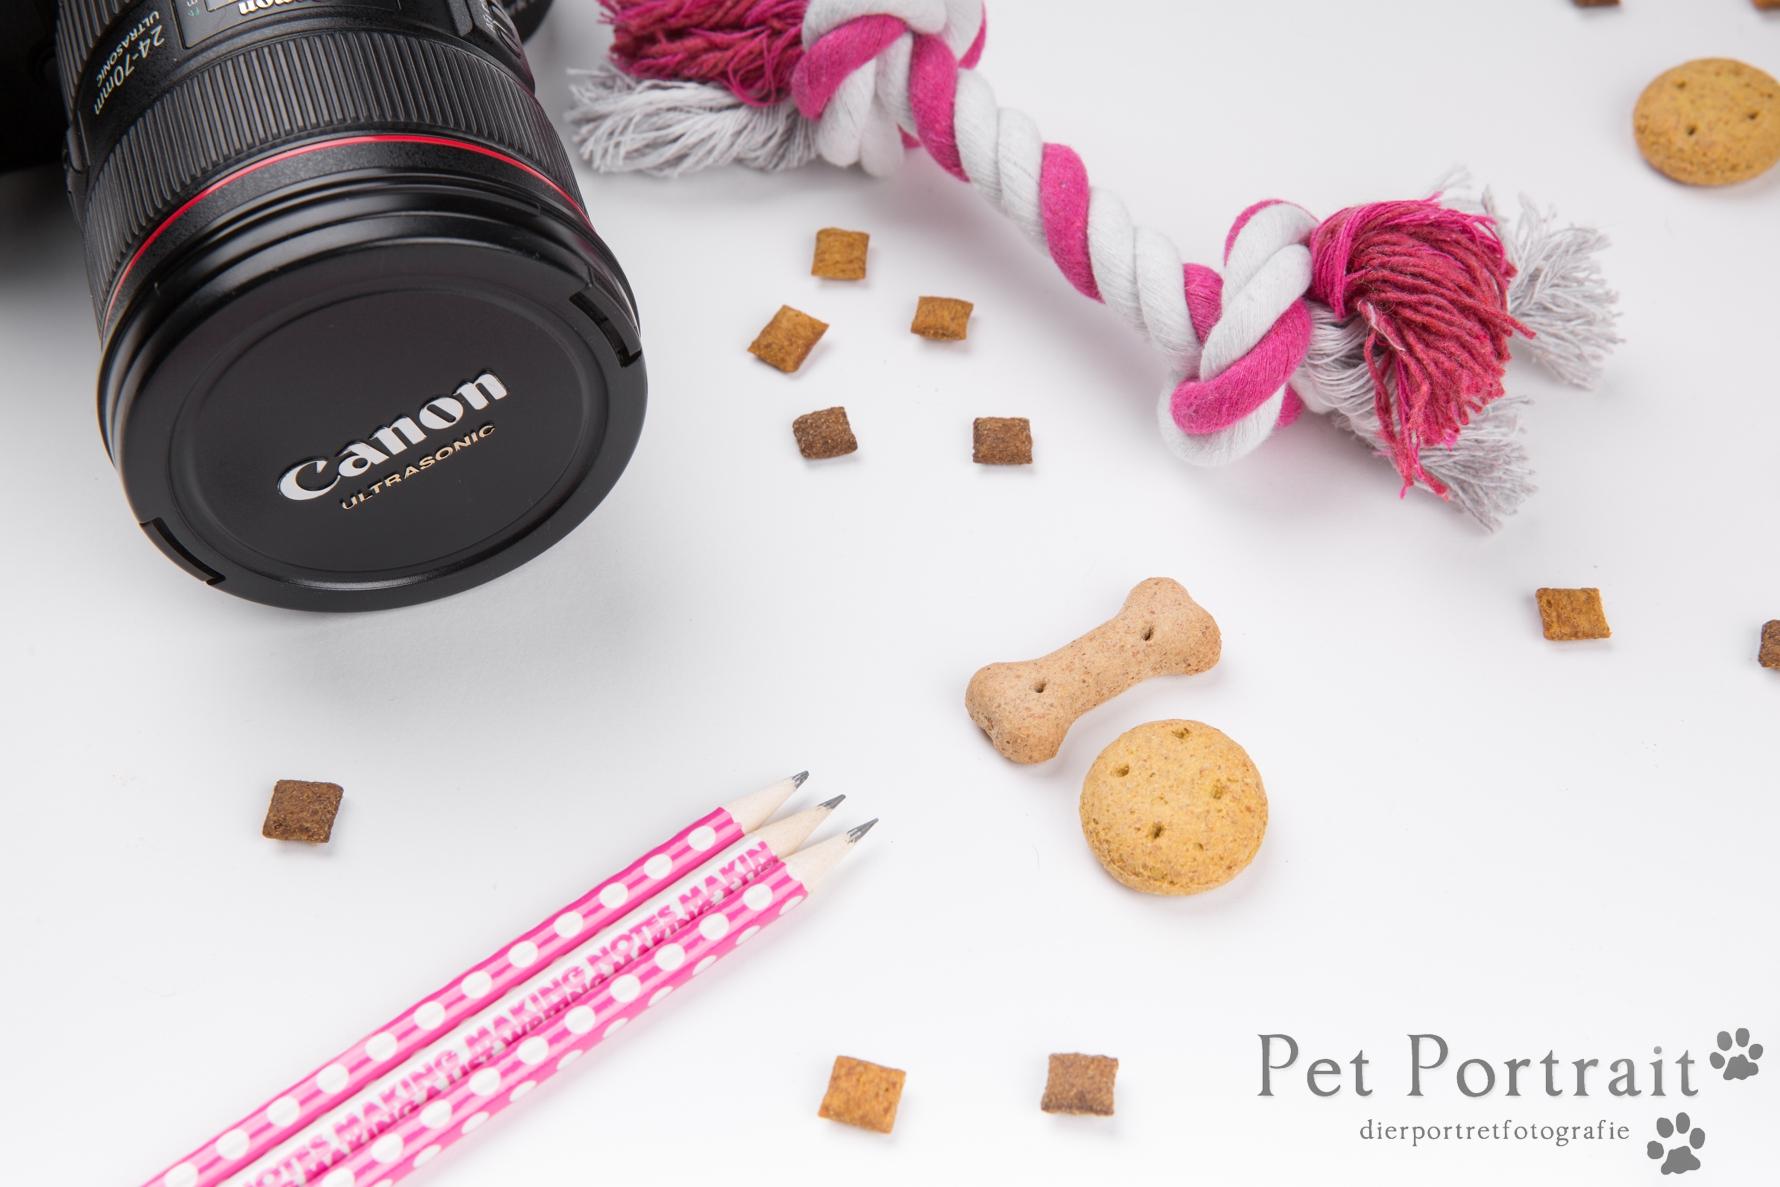 Dierenfotografie workshops en cursussen - basisworkshop dierenfotografie